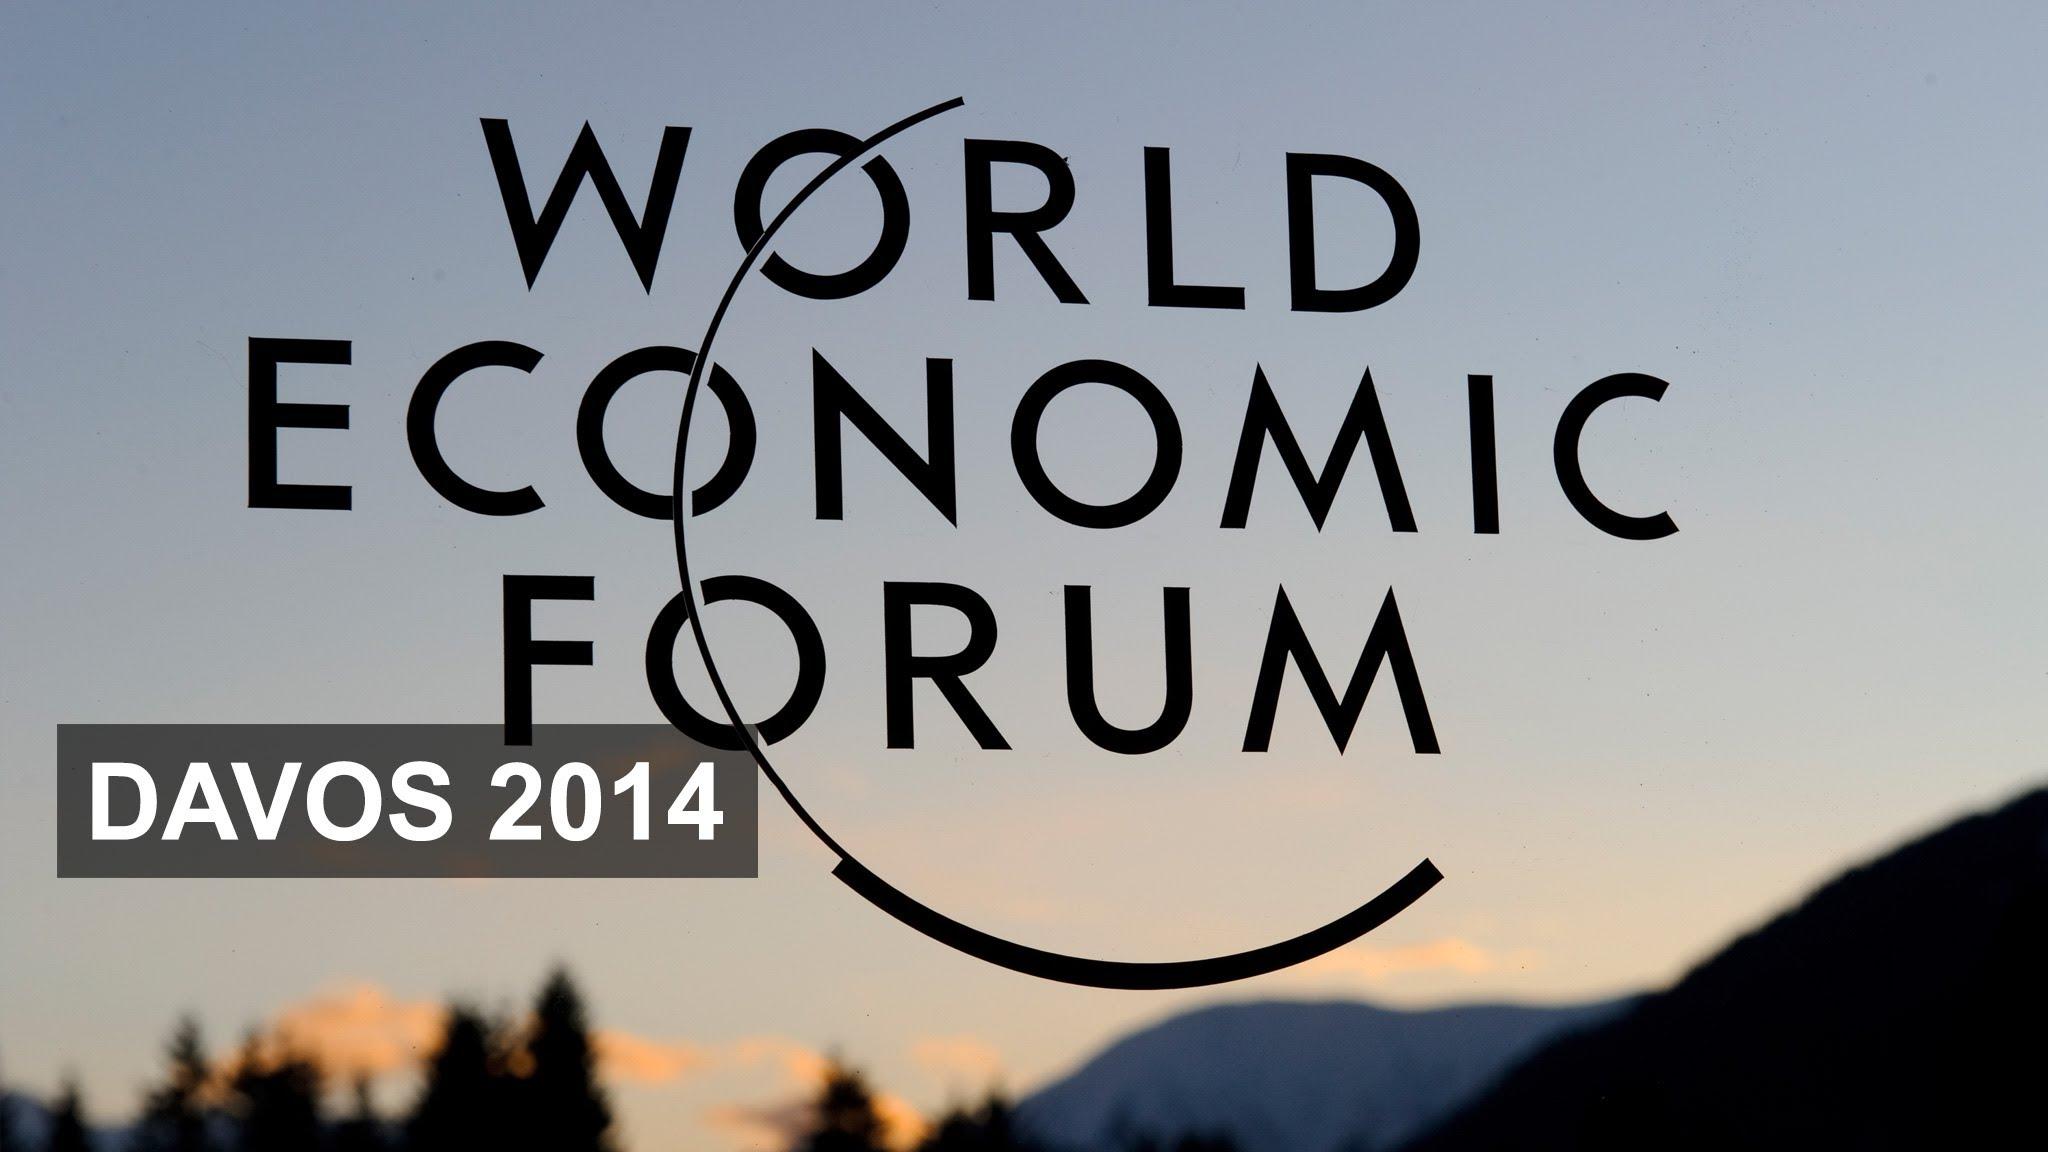 Davos 2014: Sortie de crise pour l'Europe… Optimisme mesuré pour l'économie mondiale